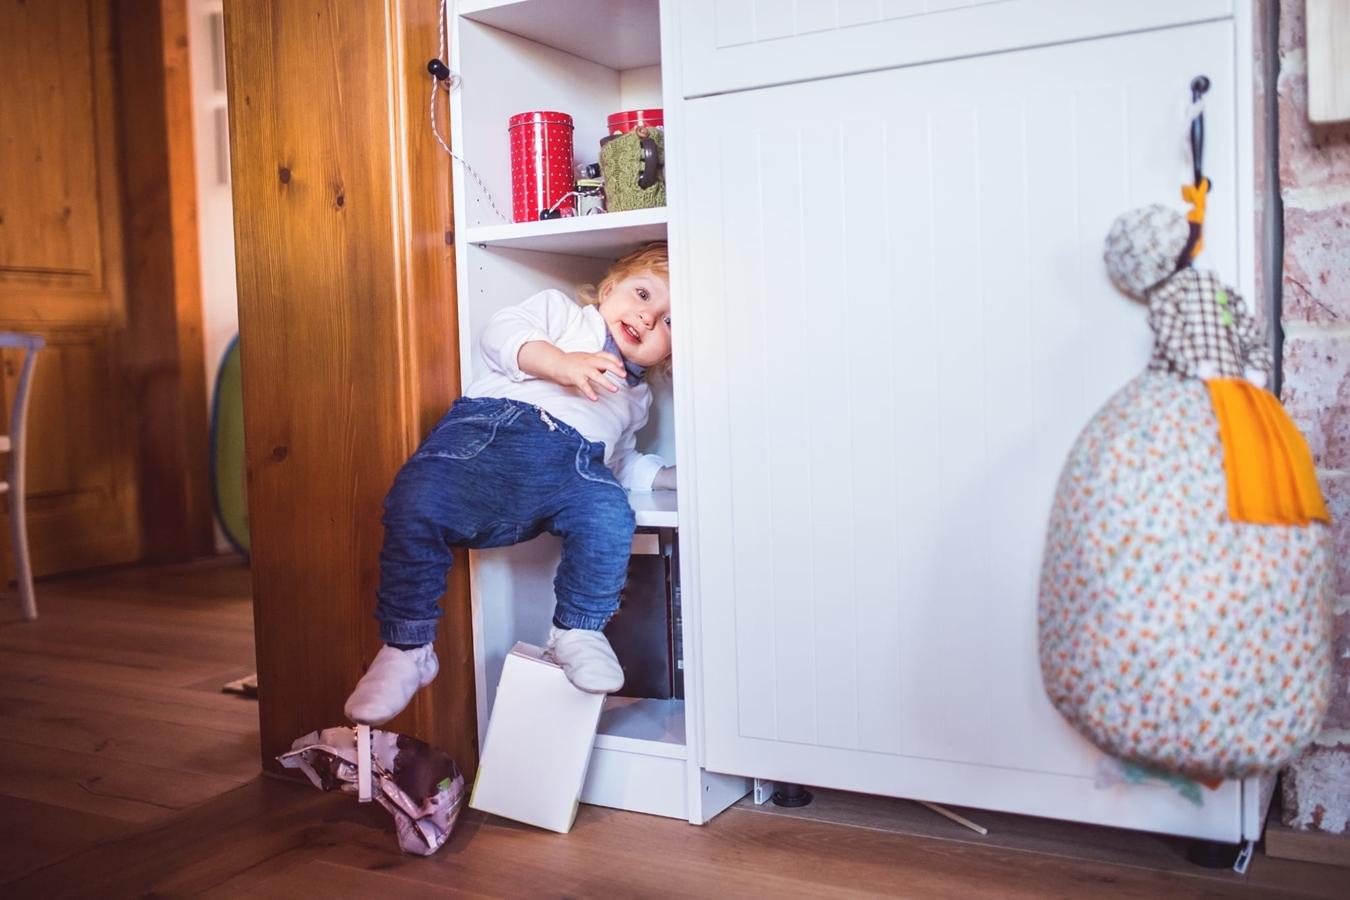 Picture for category Προστατευτικά είδη για παιδιά & ασφάλεια στο σπίτι